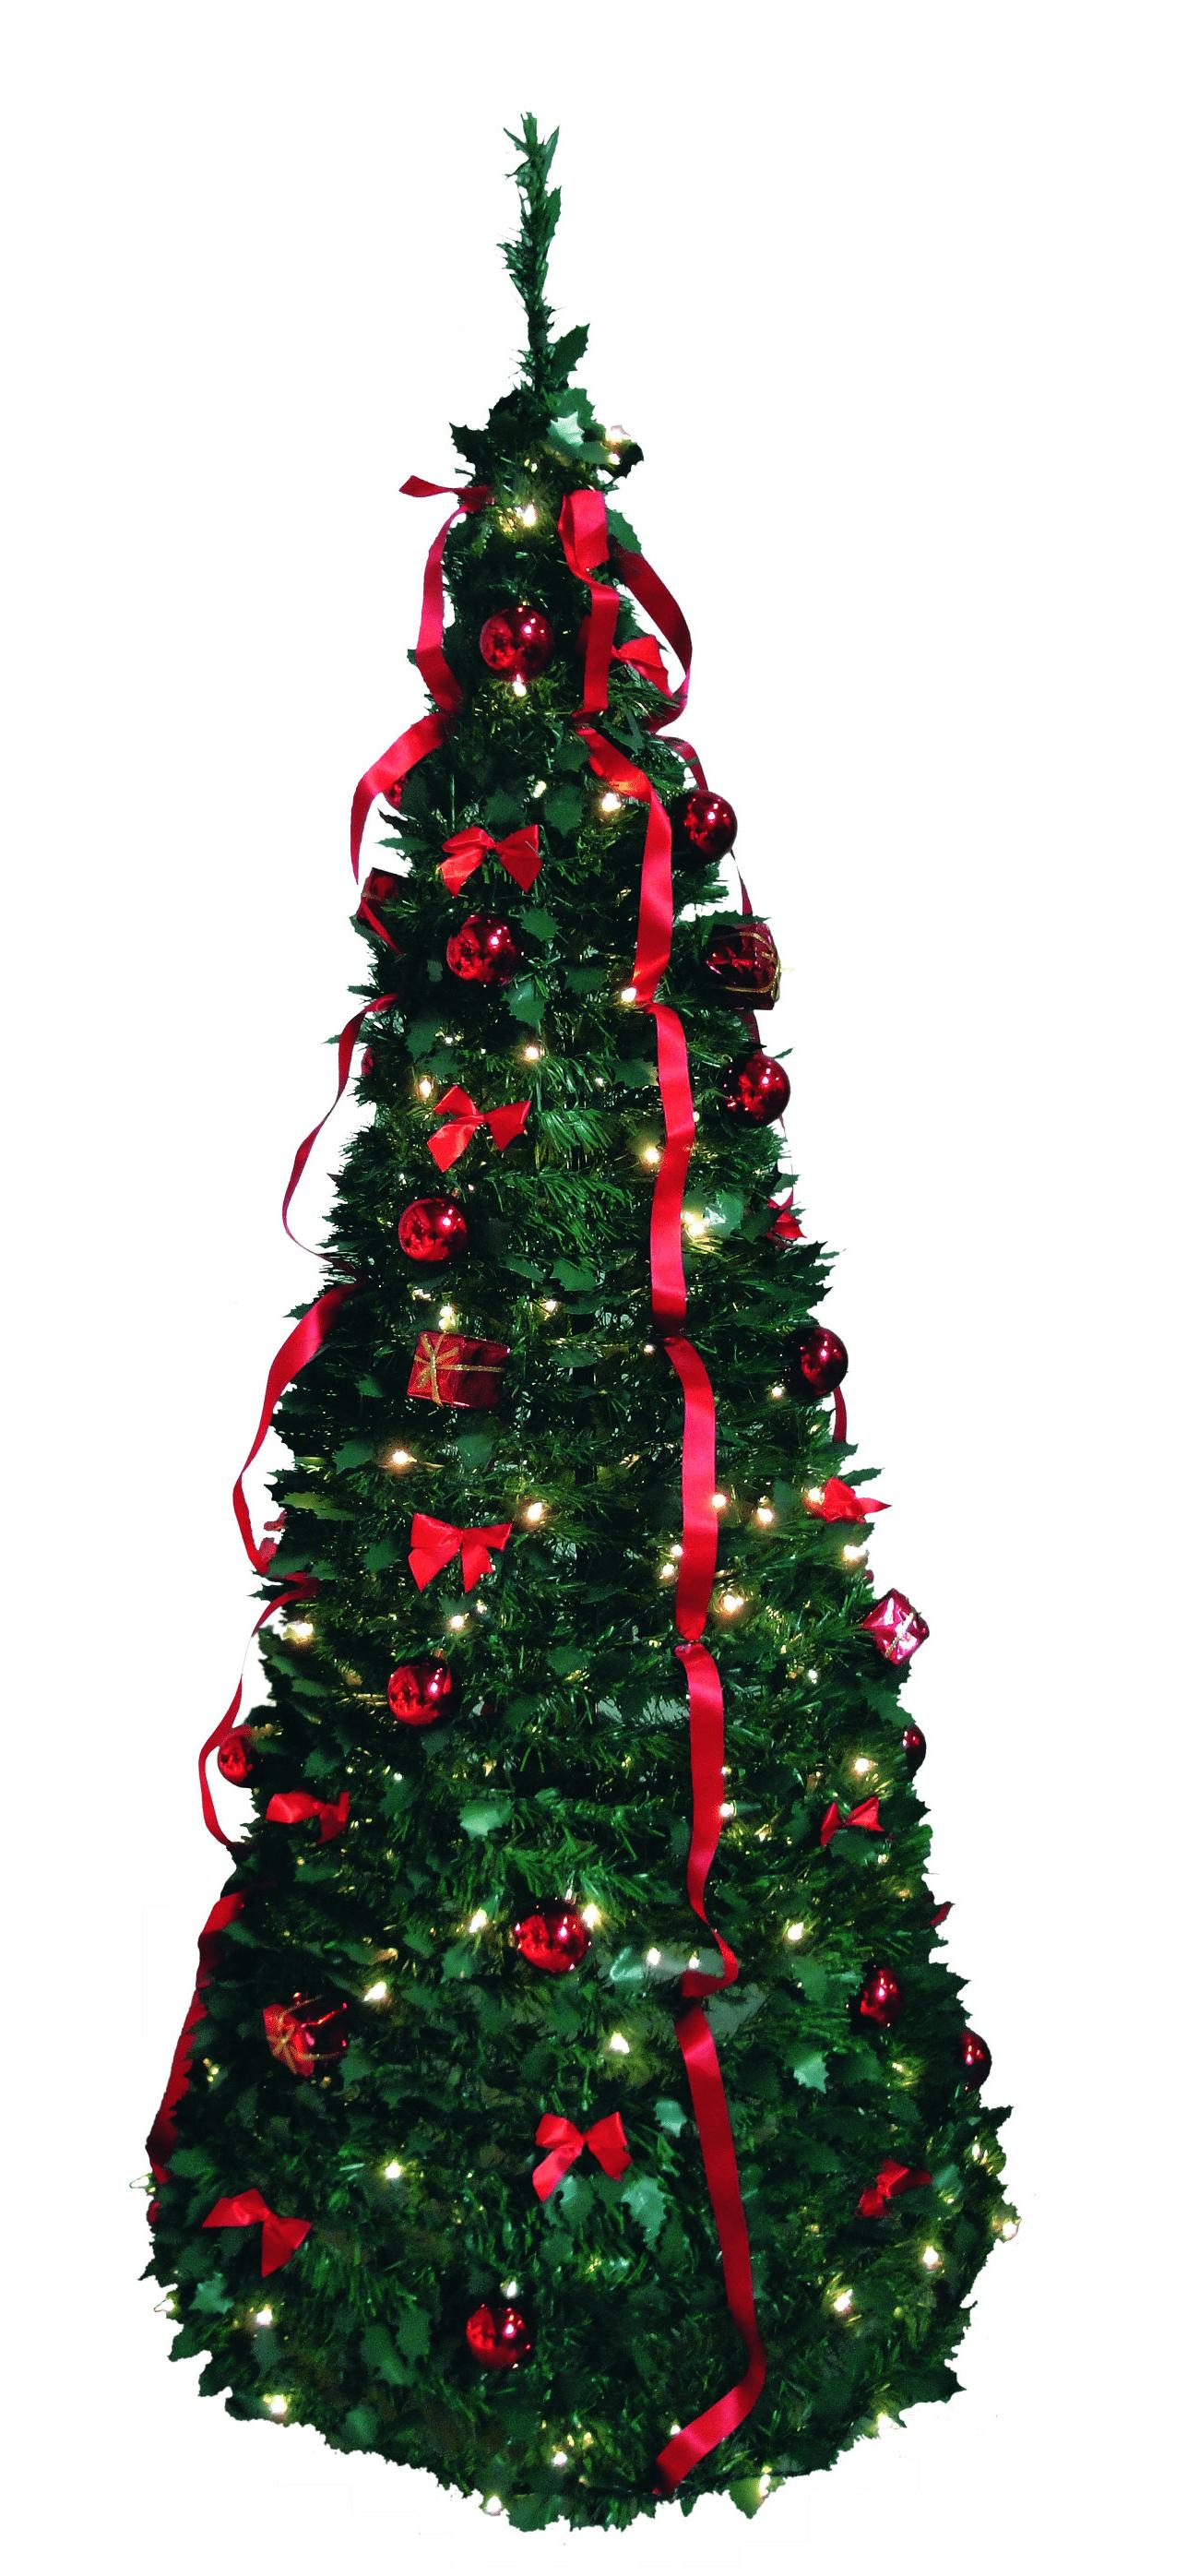 Kunstkerstboom One Minute Tree Groen 300 cm